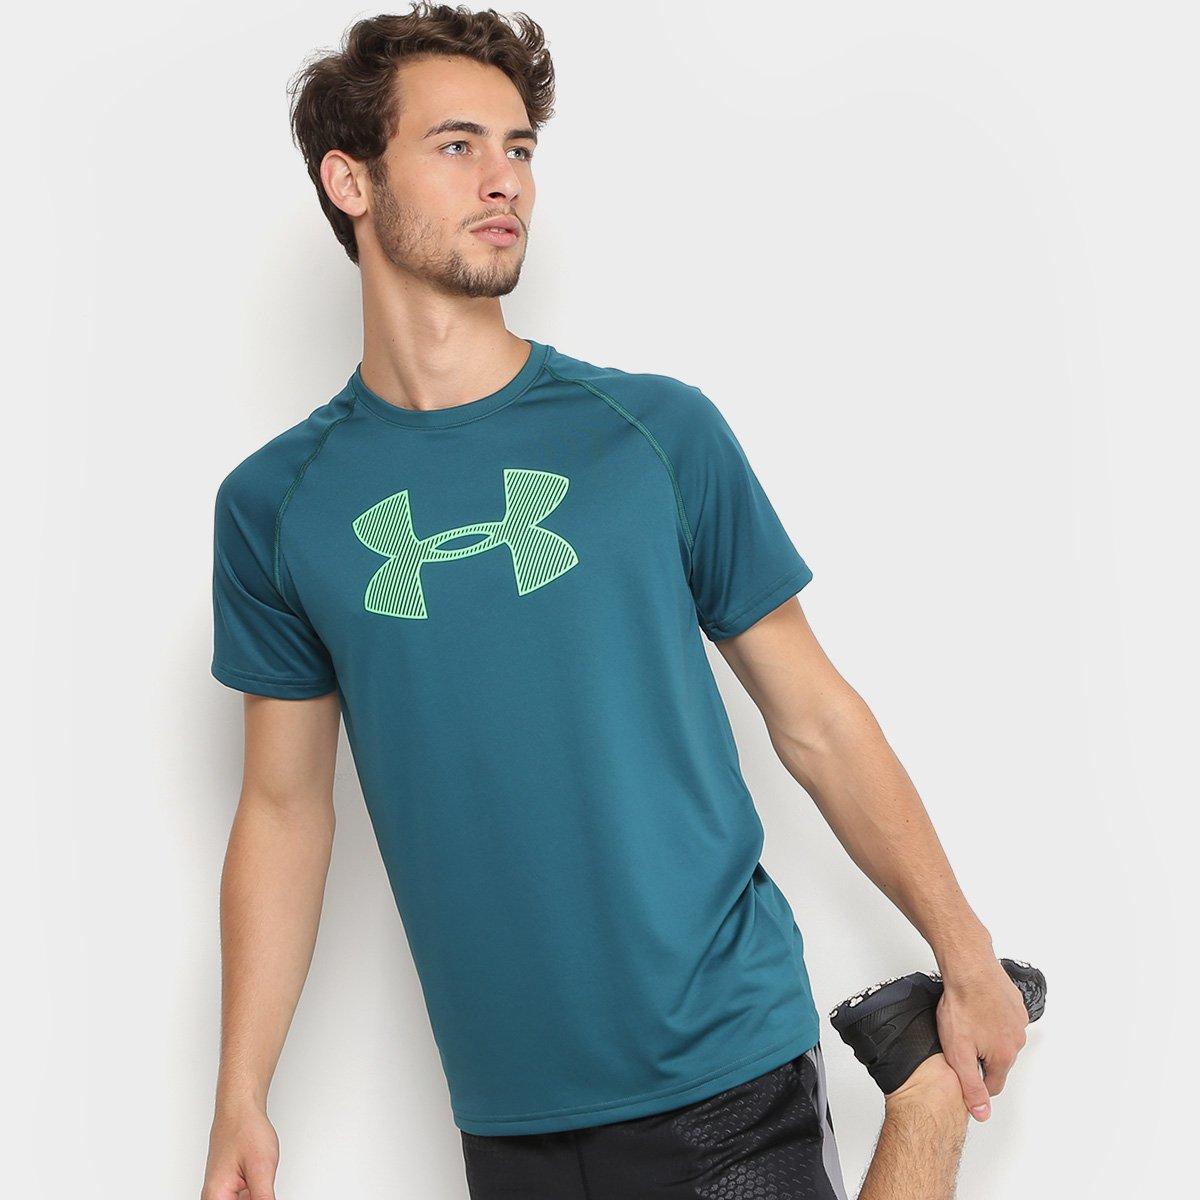 fd179e9feb5 Camiseta Under Armour Big Logo Masculina - Verde - Compre Agora ...